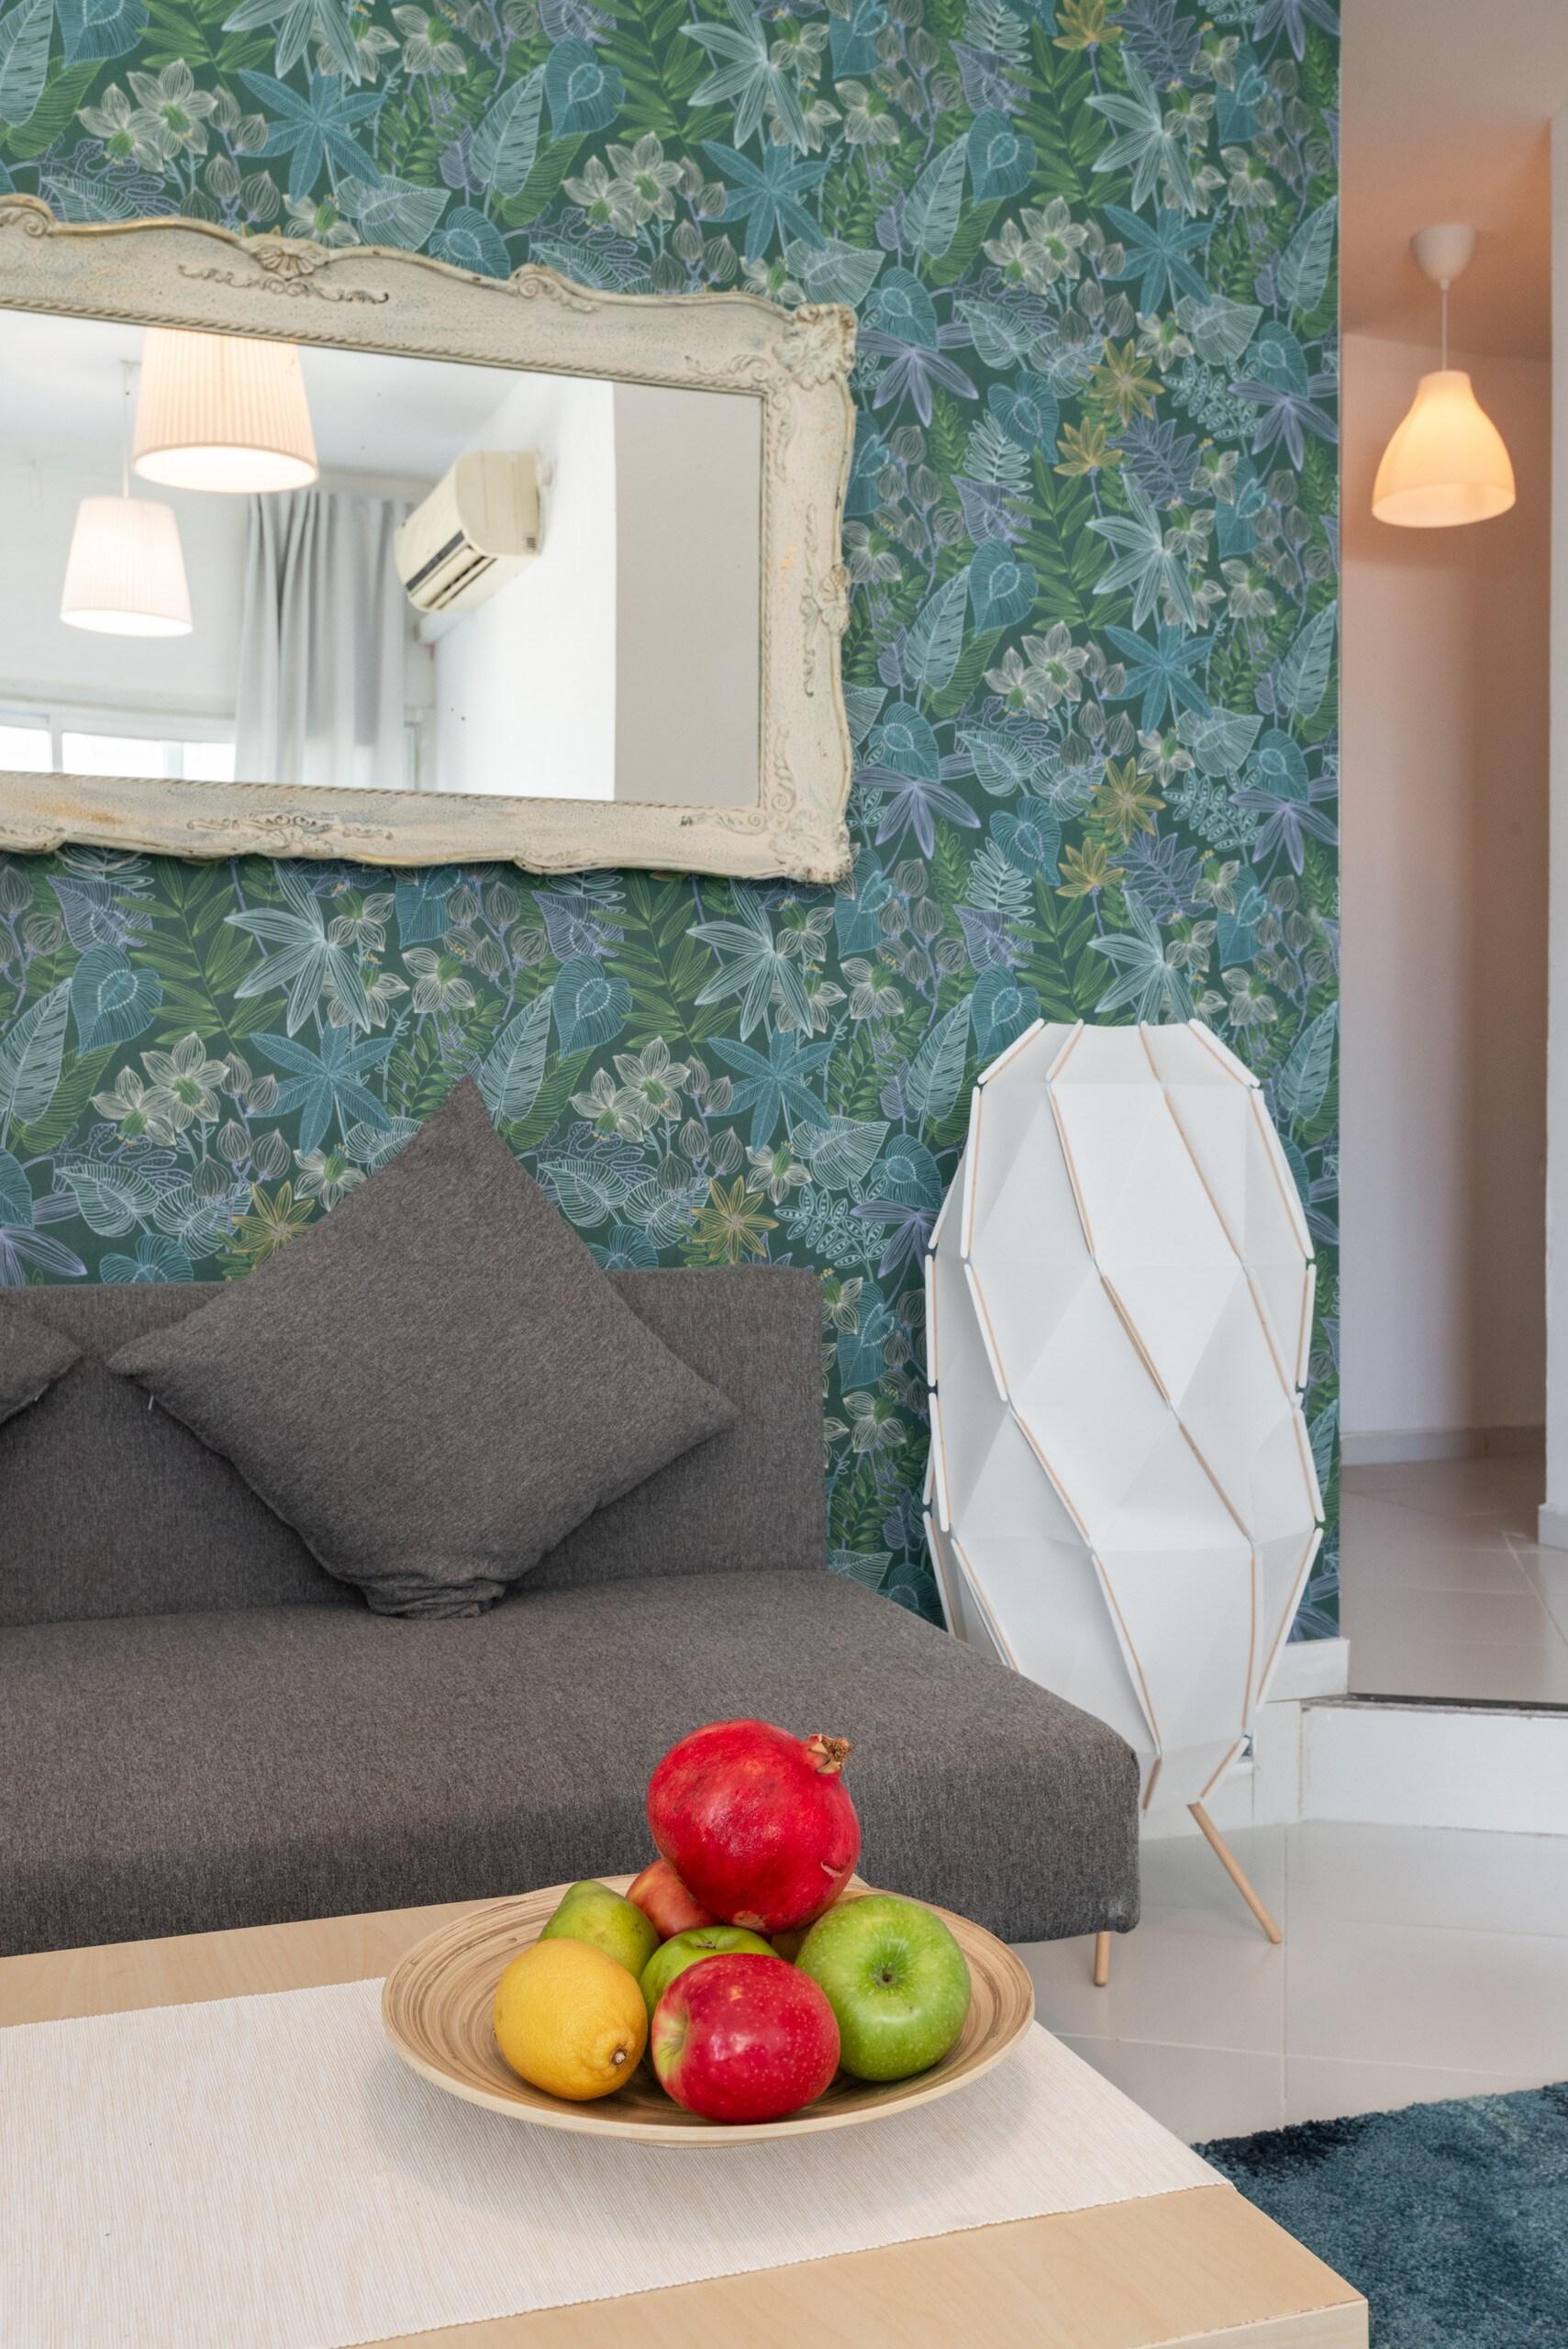 Sea View 2 bedroom apartment next to Hilton beach photo 21105487